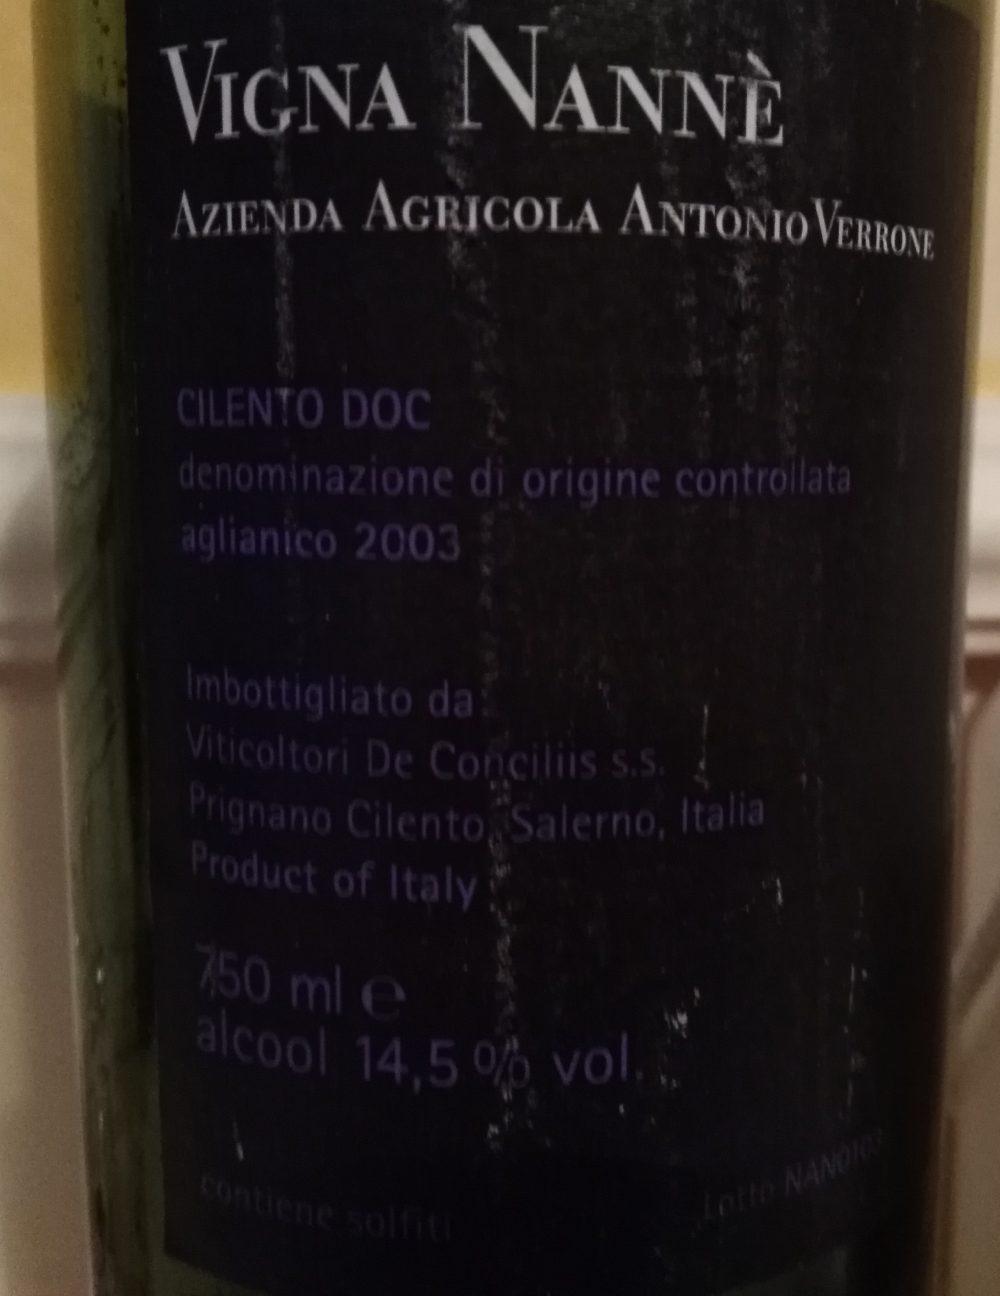 Controetichetta Vigna Nanne' Aglianico Cilento Doc 2003 Antonio Verrone Viticoltore